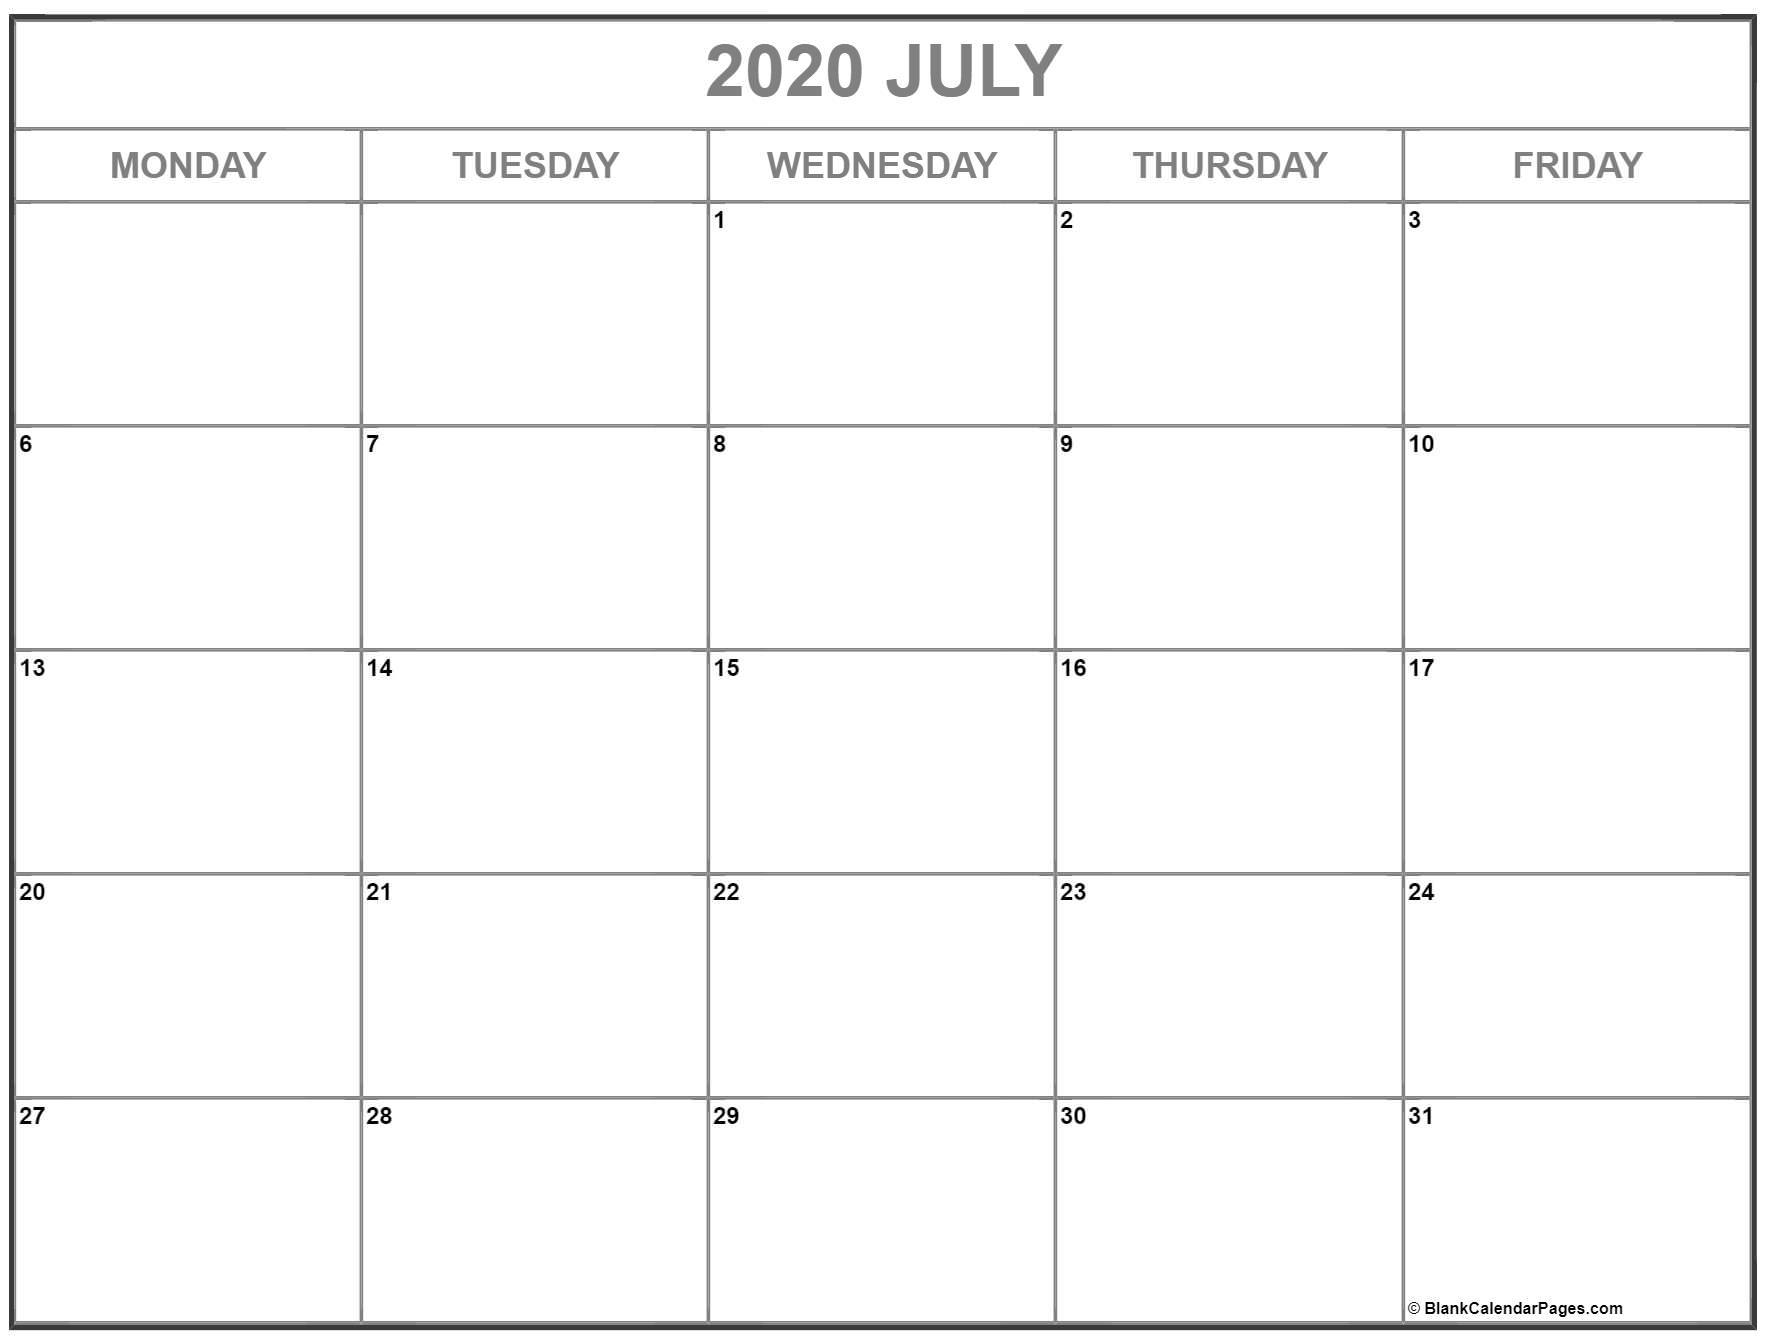 July 2020 Monday Calendar   Monday To Sunday within Monday Through Sunday